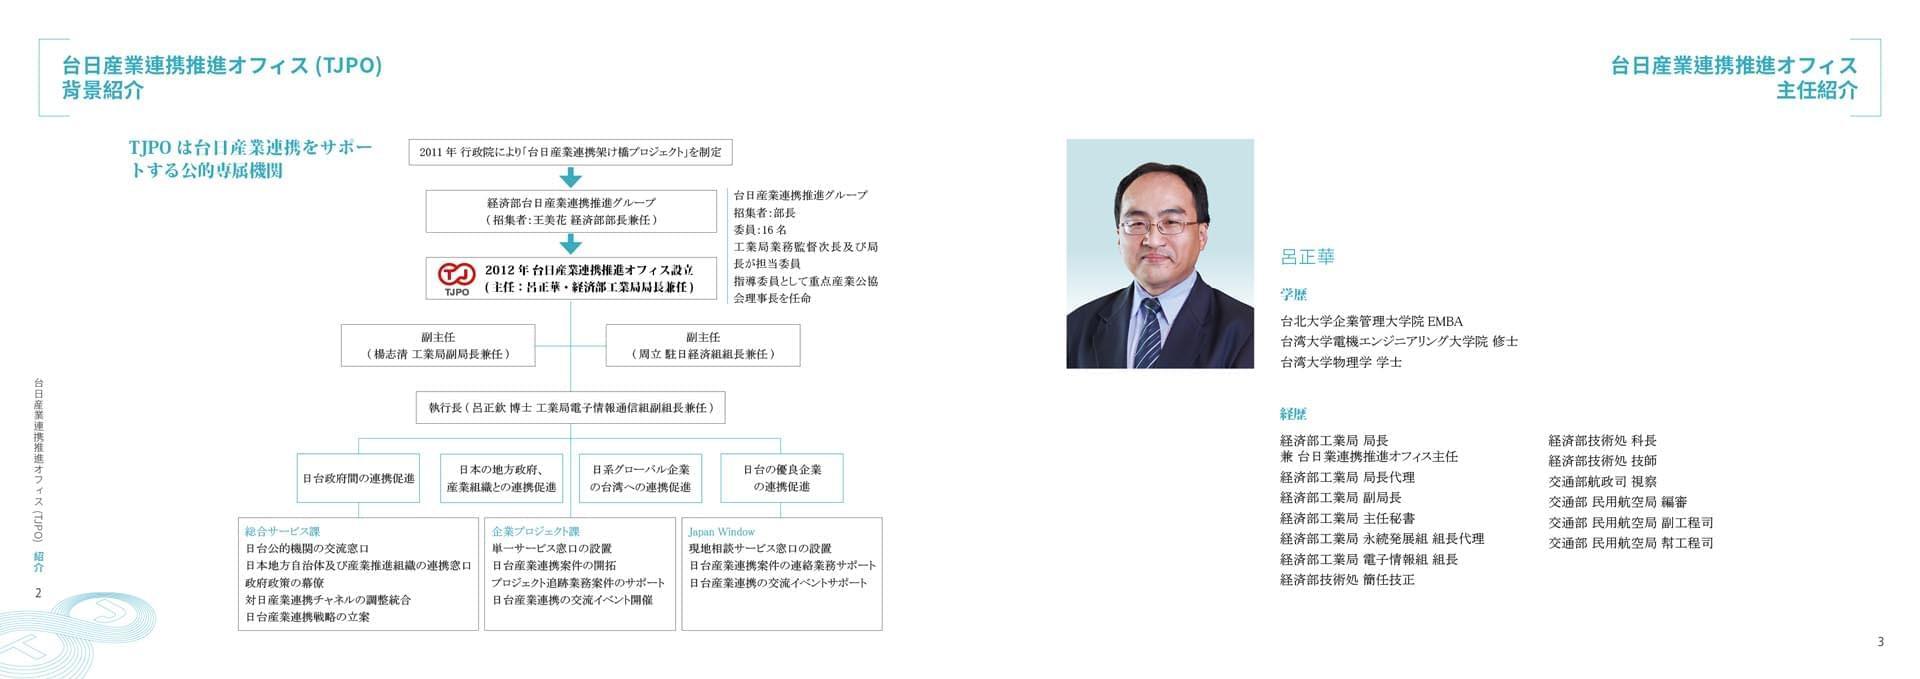 台日型錄-日文版60頁-第二次修改07024